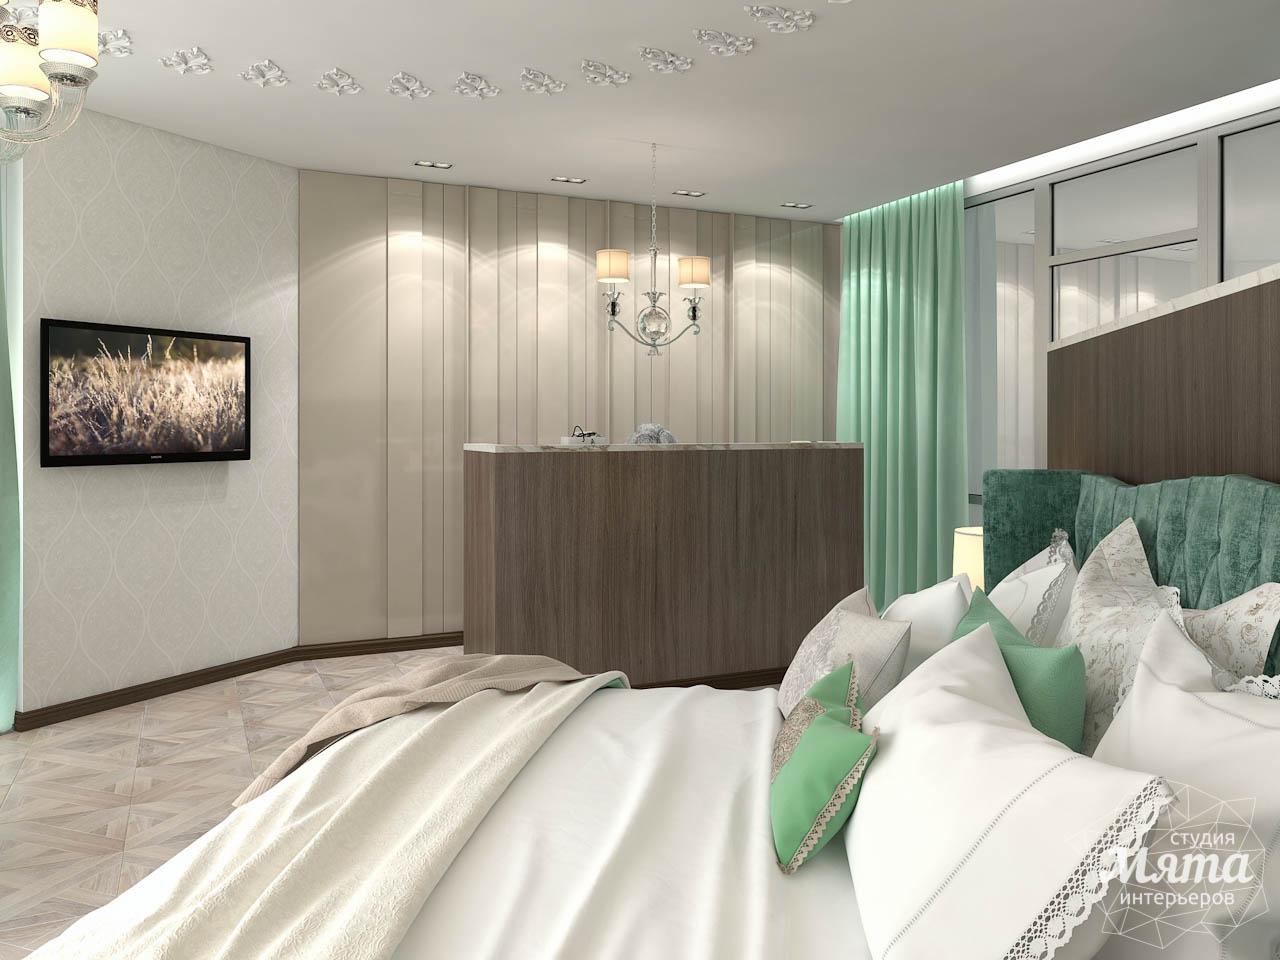 Дизайн интерьера коттеджа в п. Дубрава img1727337943